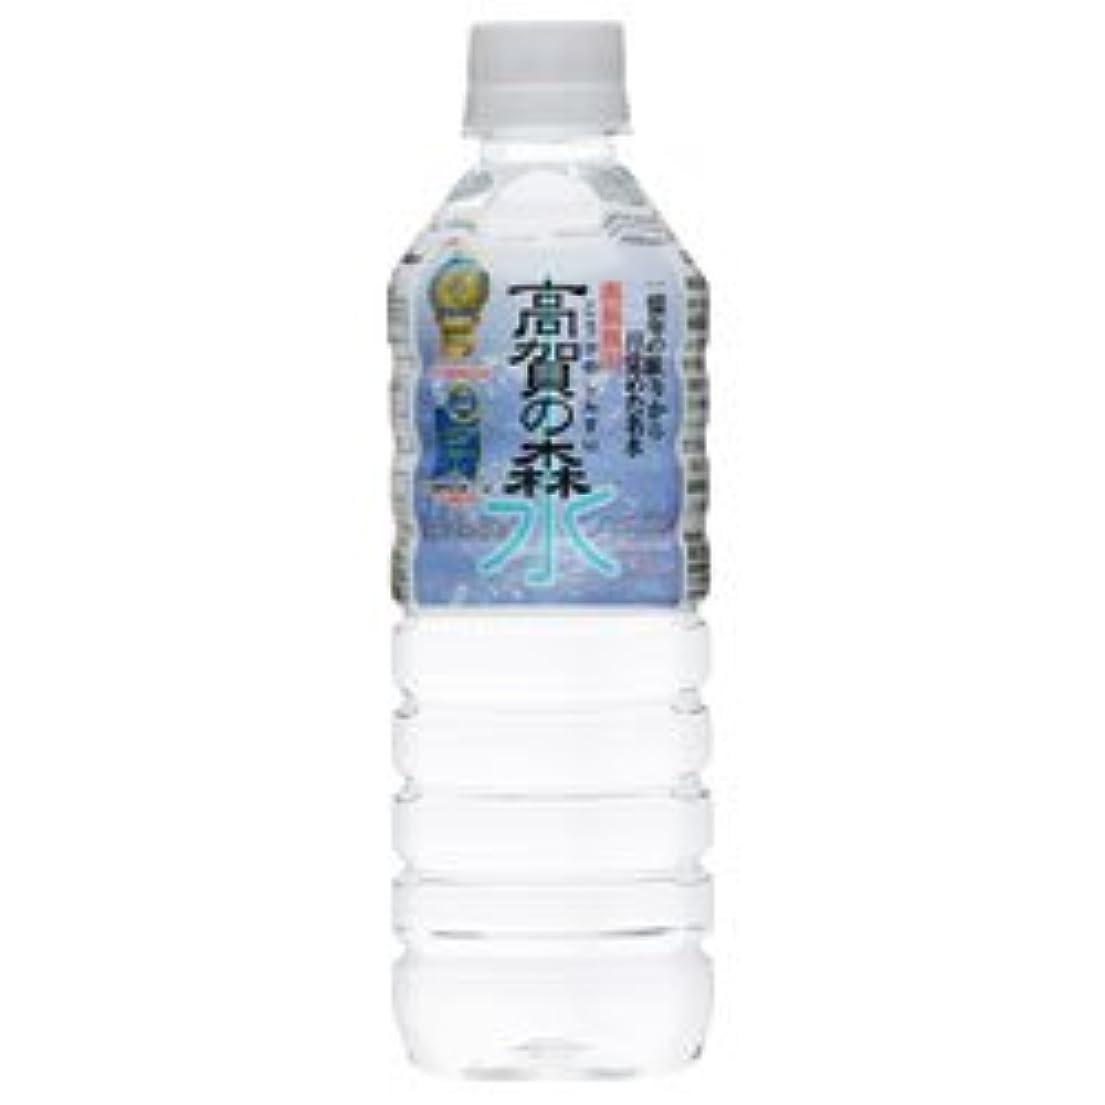 程度告発に同意する奥長良川名水 高賀の森水 500mlペットボトル×24本入